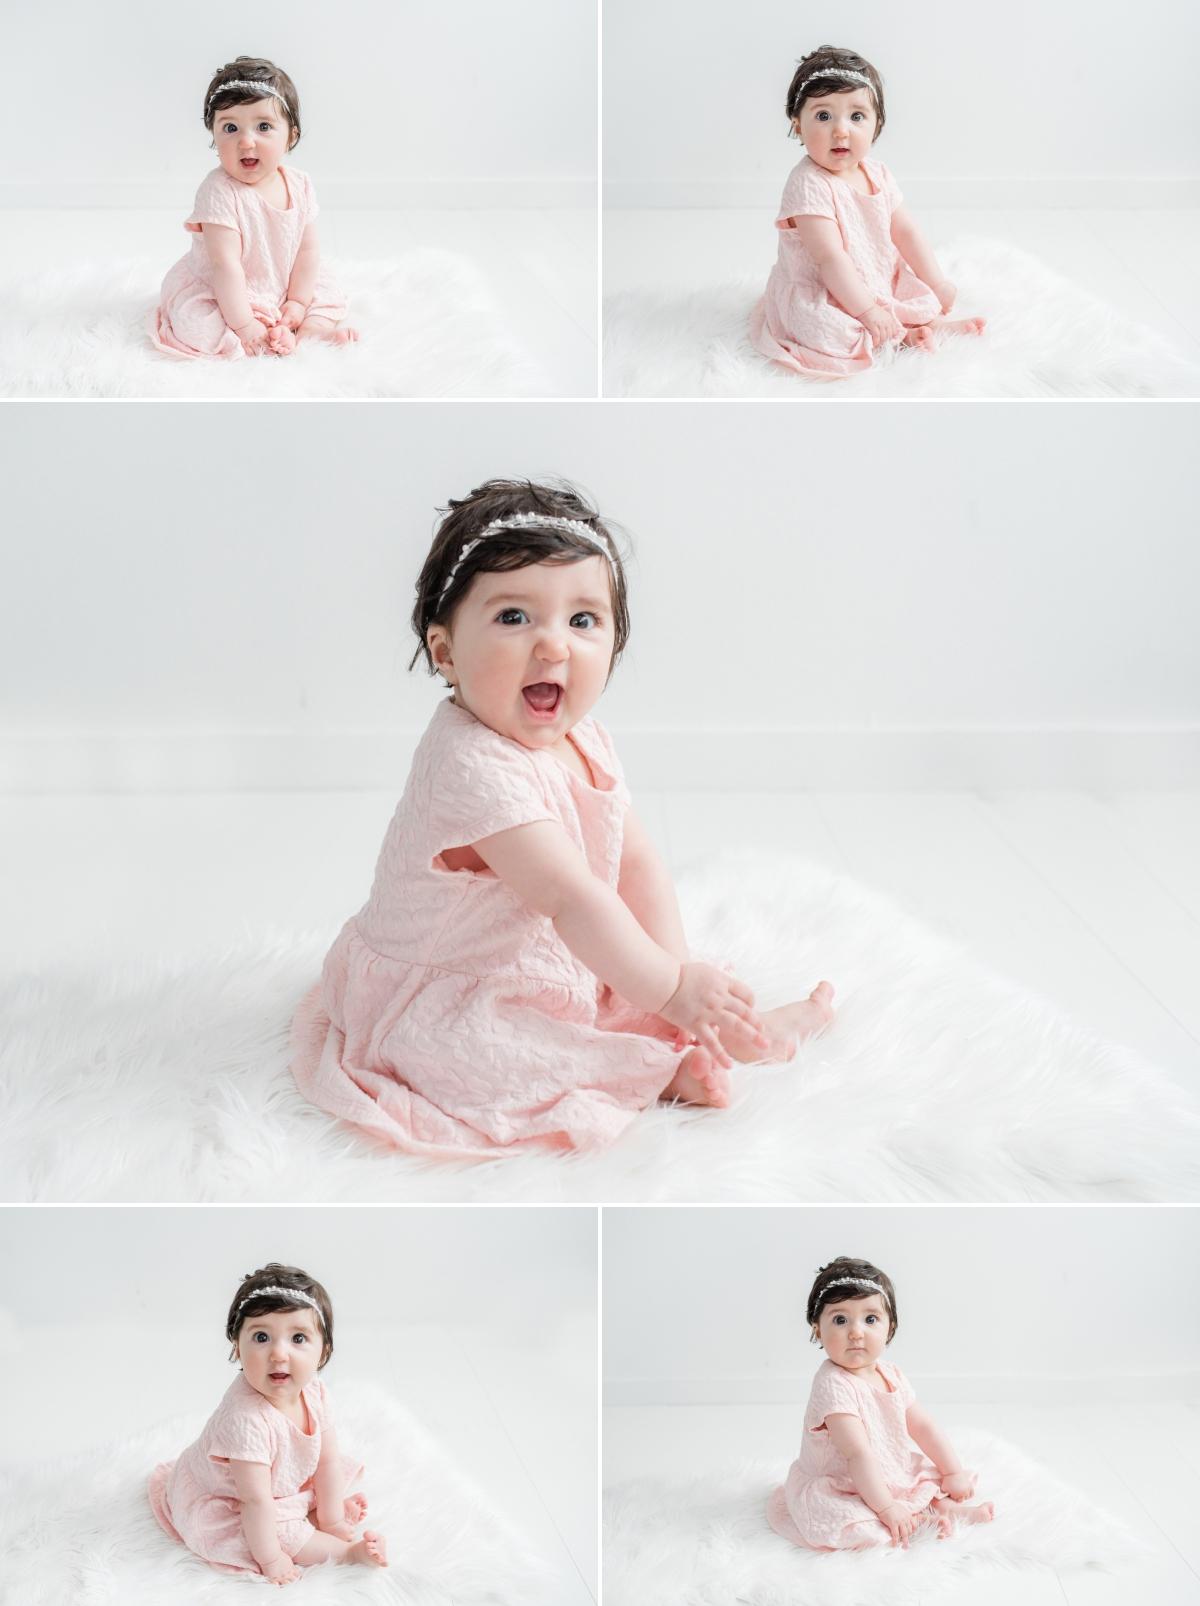 bébé de 6 mois tient assis